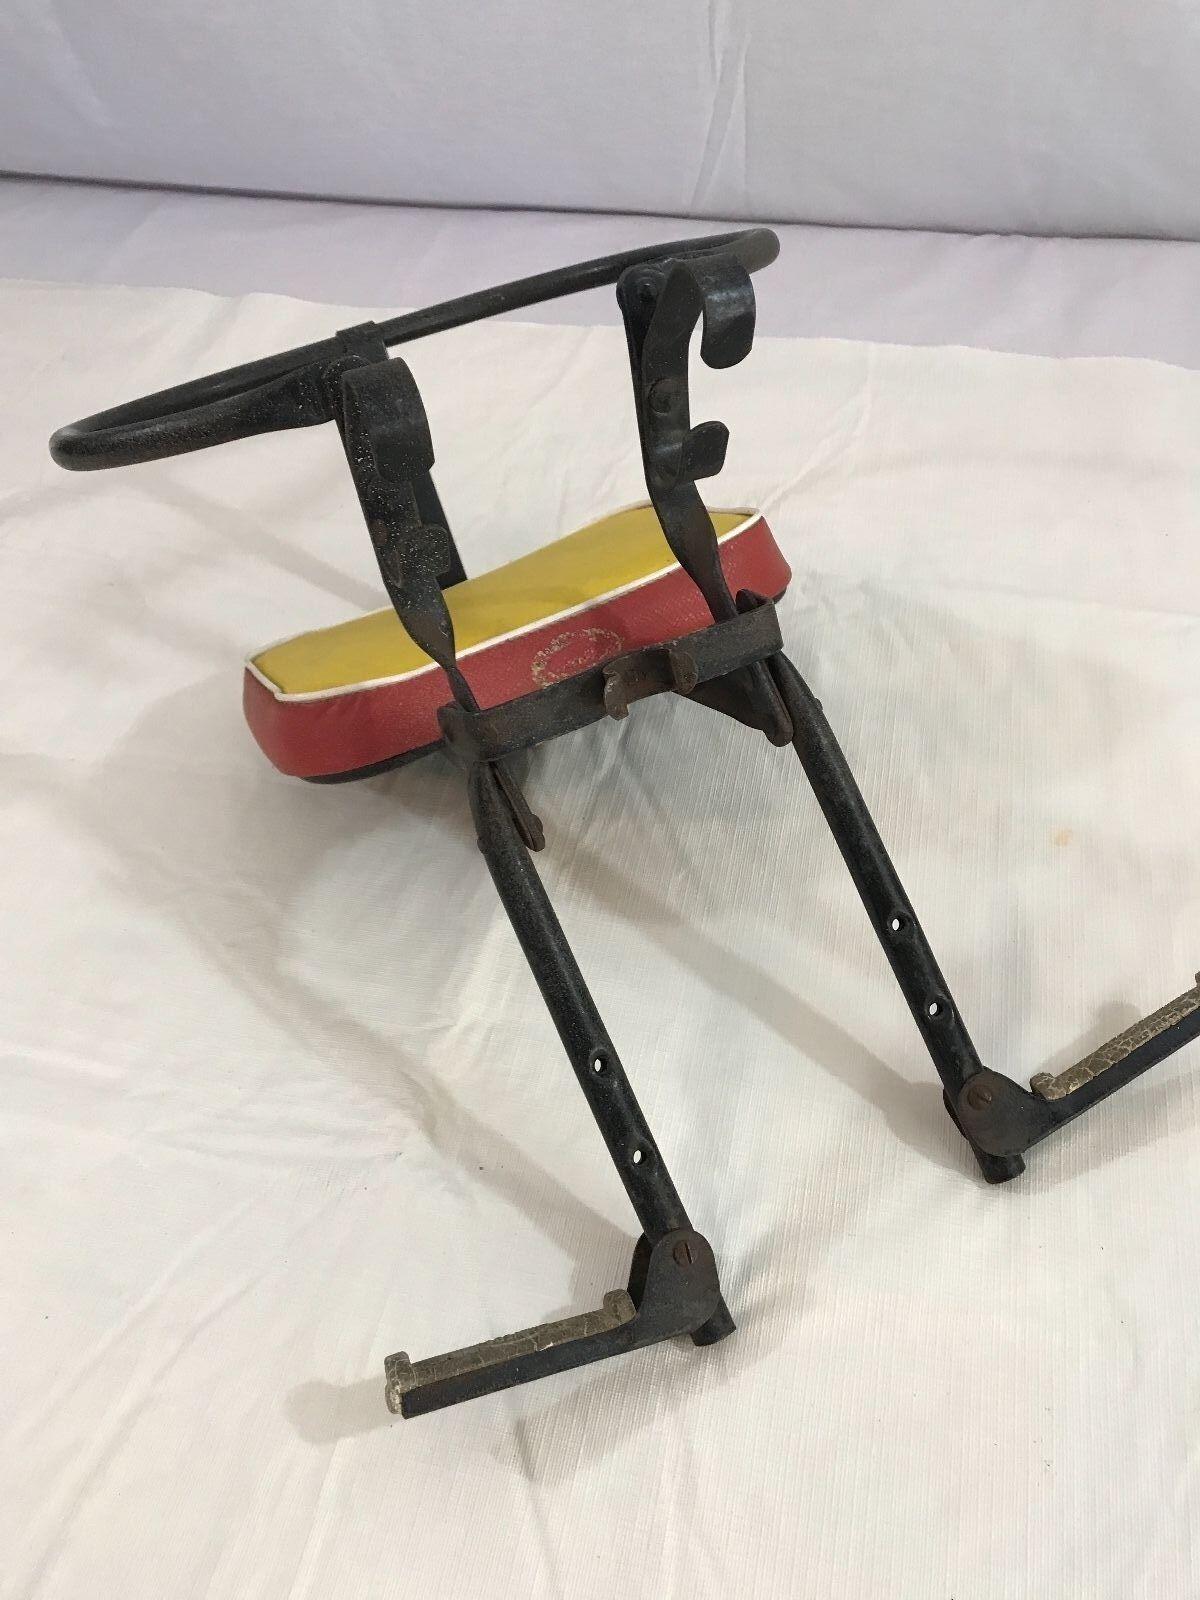 Verdadero niño Bicicleta Vintage 1940-1950 asiento de bebé pieza de historial de montaje del manillar